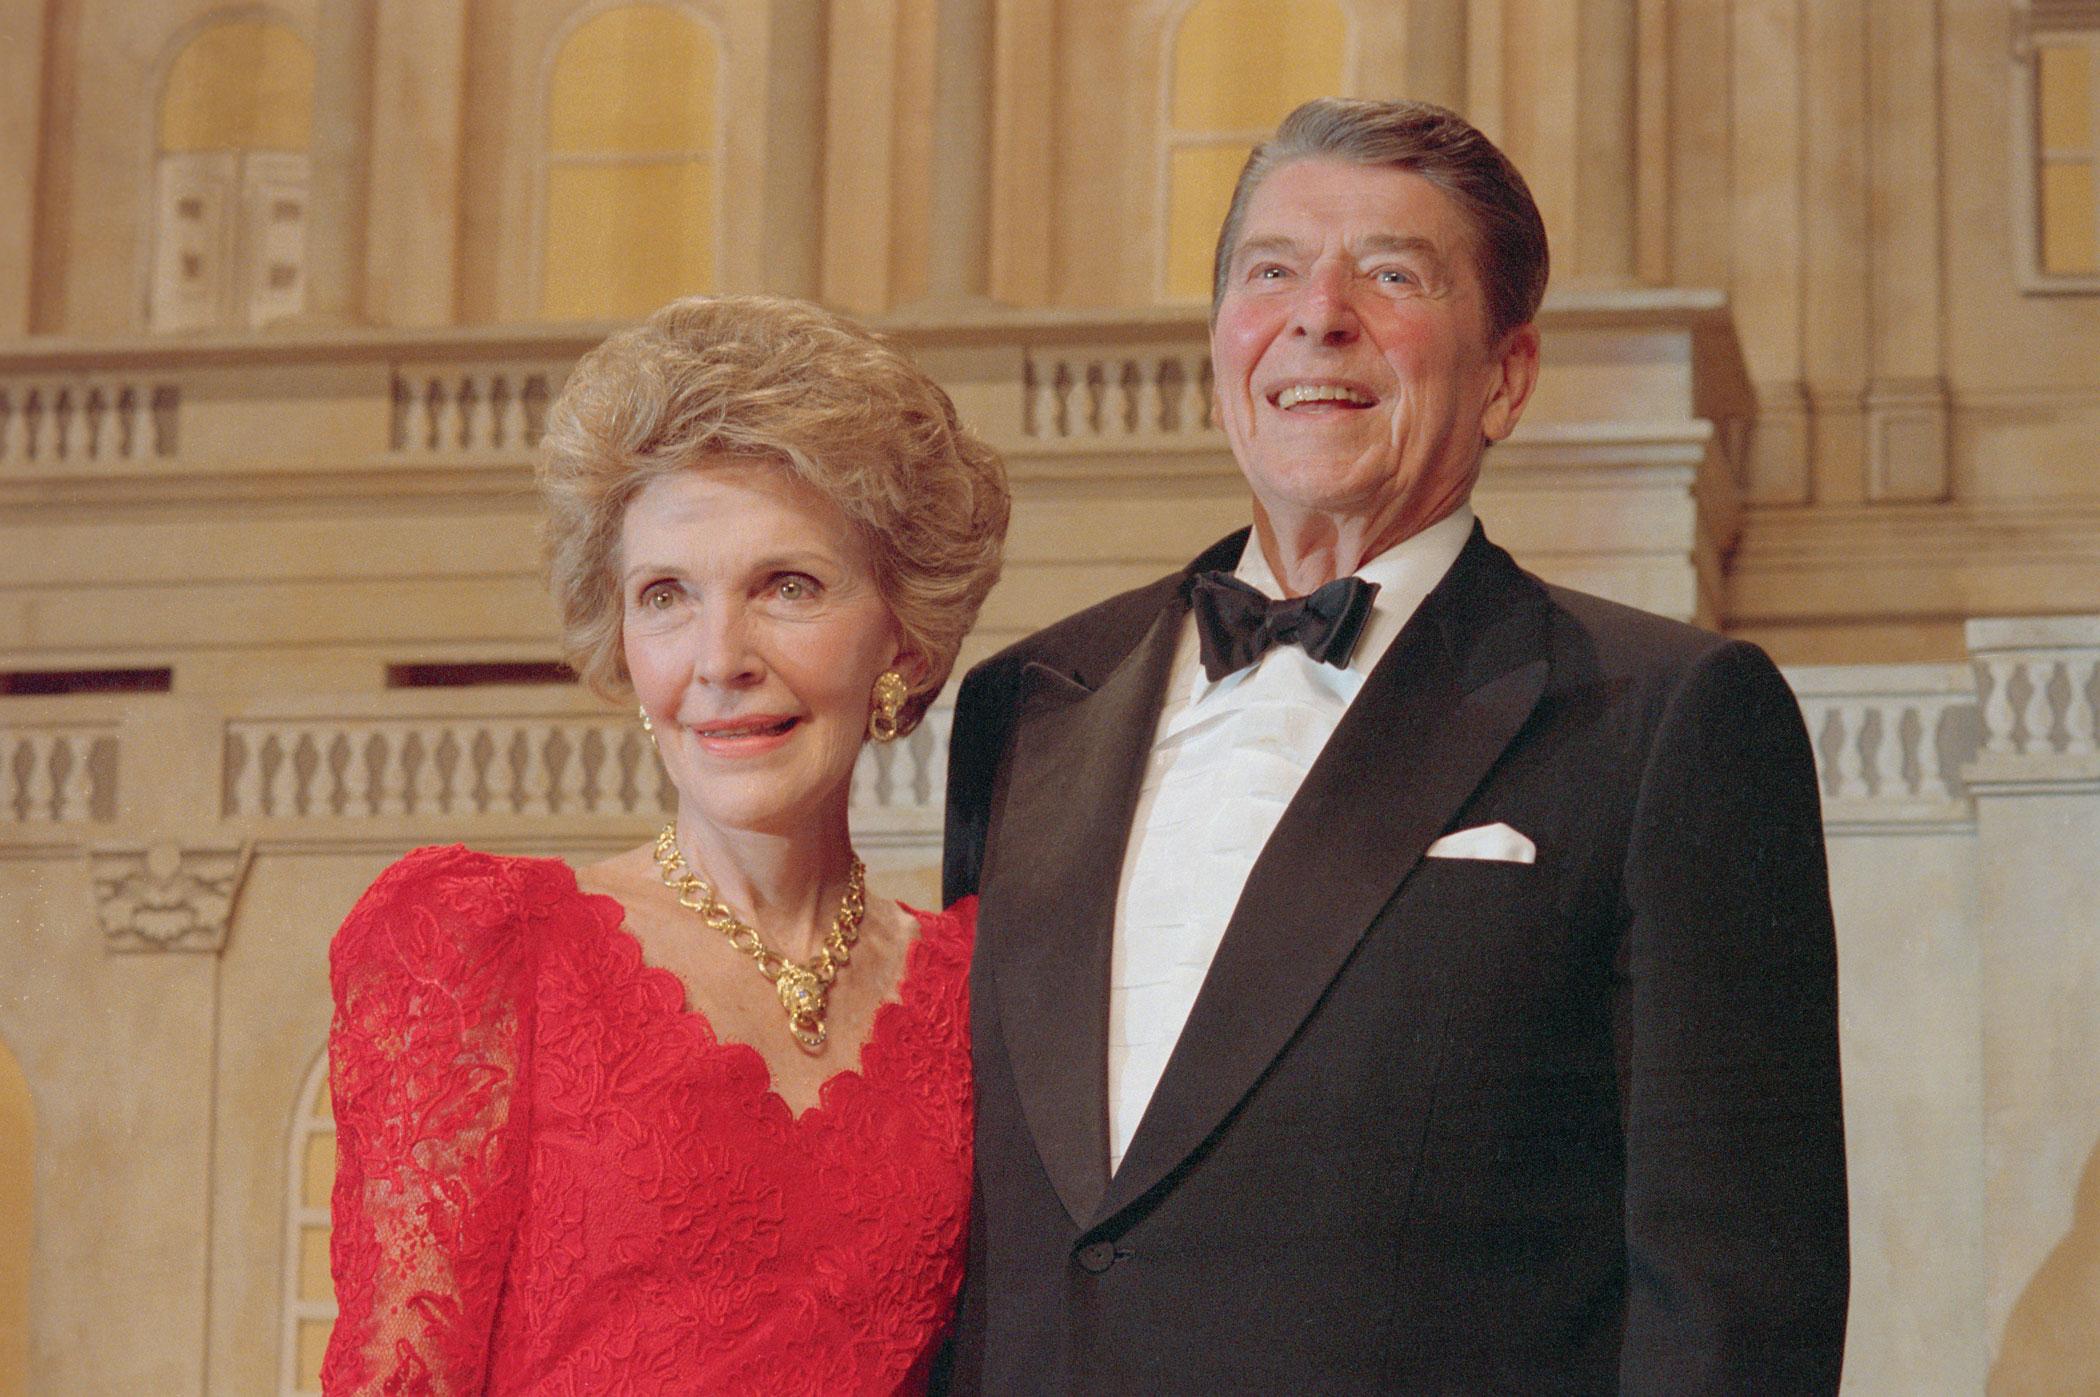 Nancy Reagan wears Oscar de la Renta to the 1988 President's Dinner.